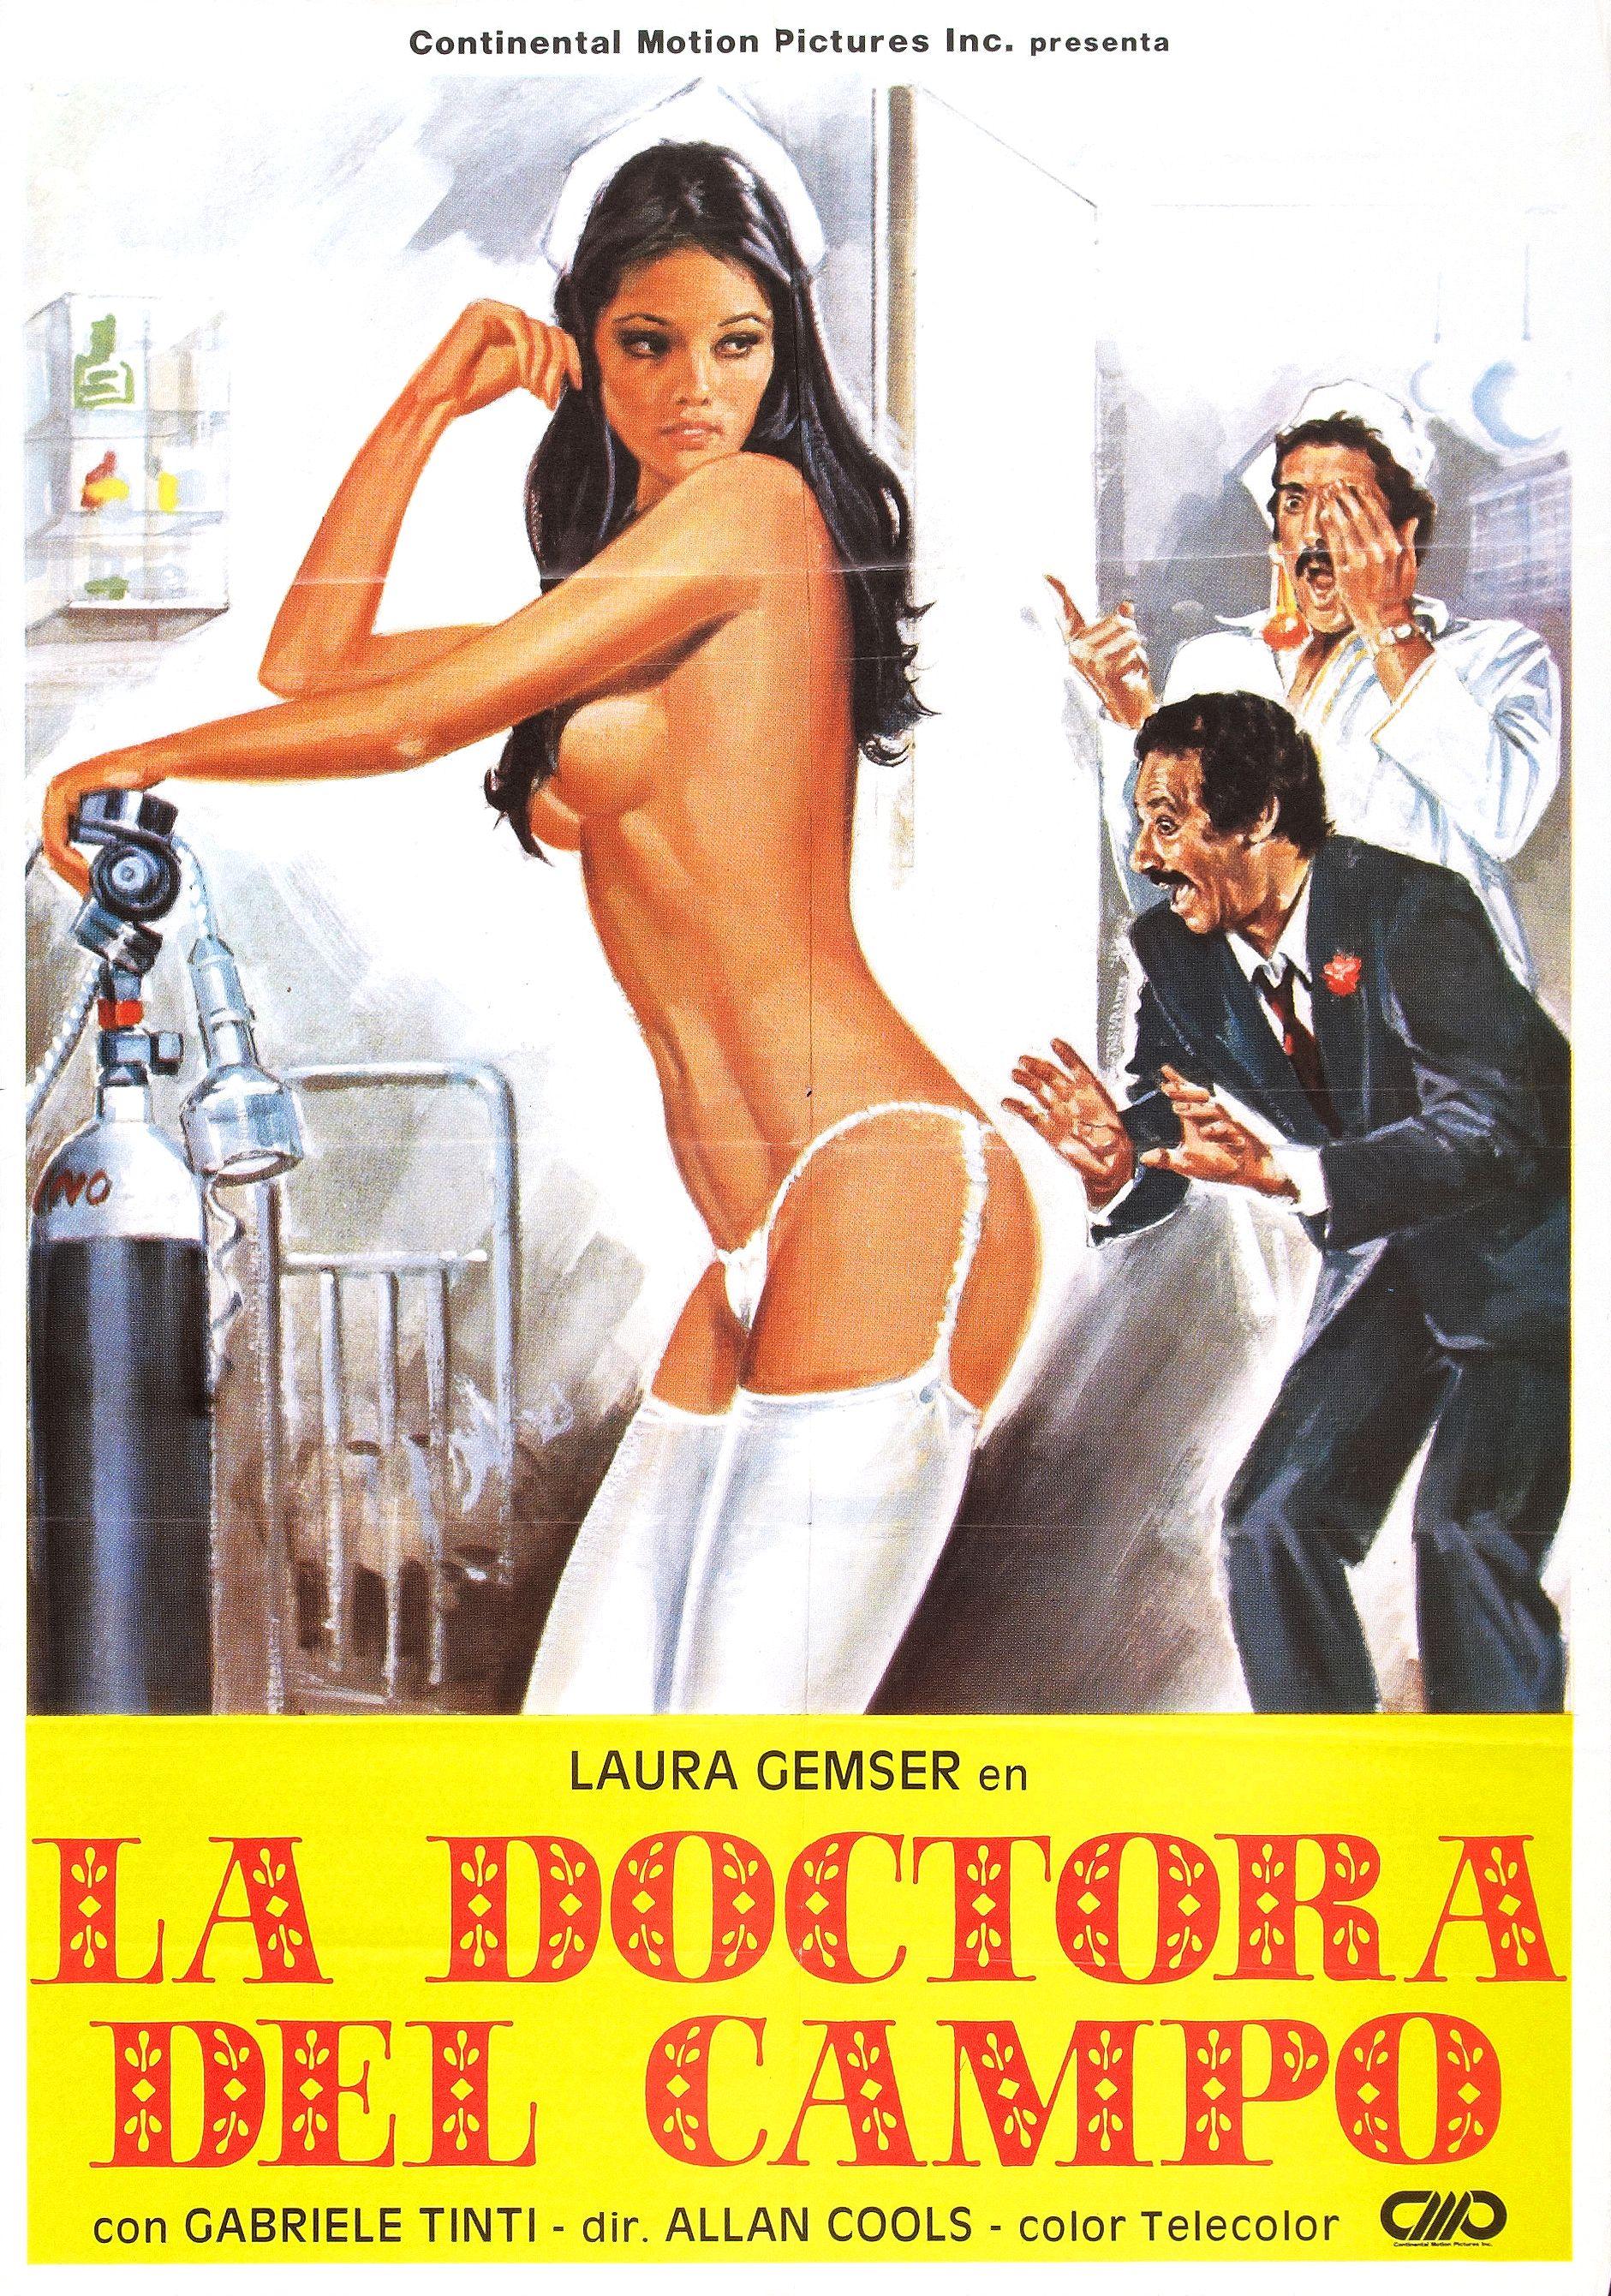 В 60-е годы постеры фильмов для взрослых были намного безобиднее, чем